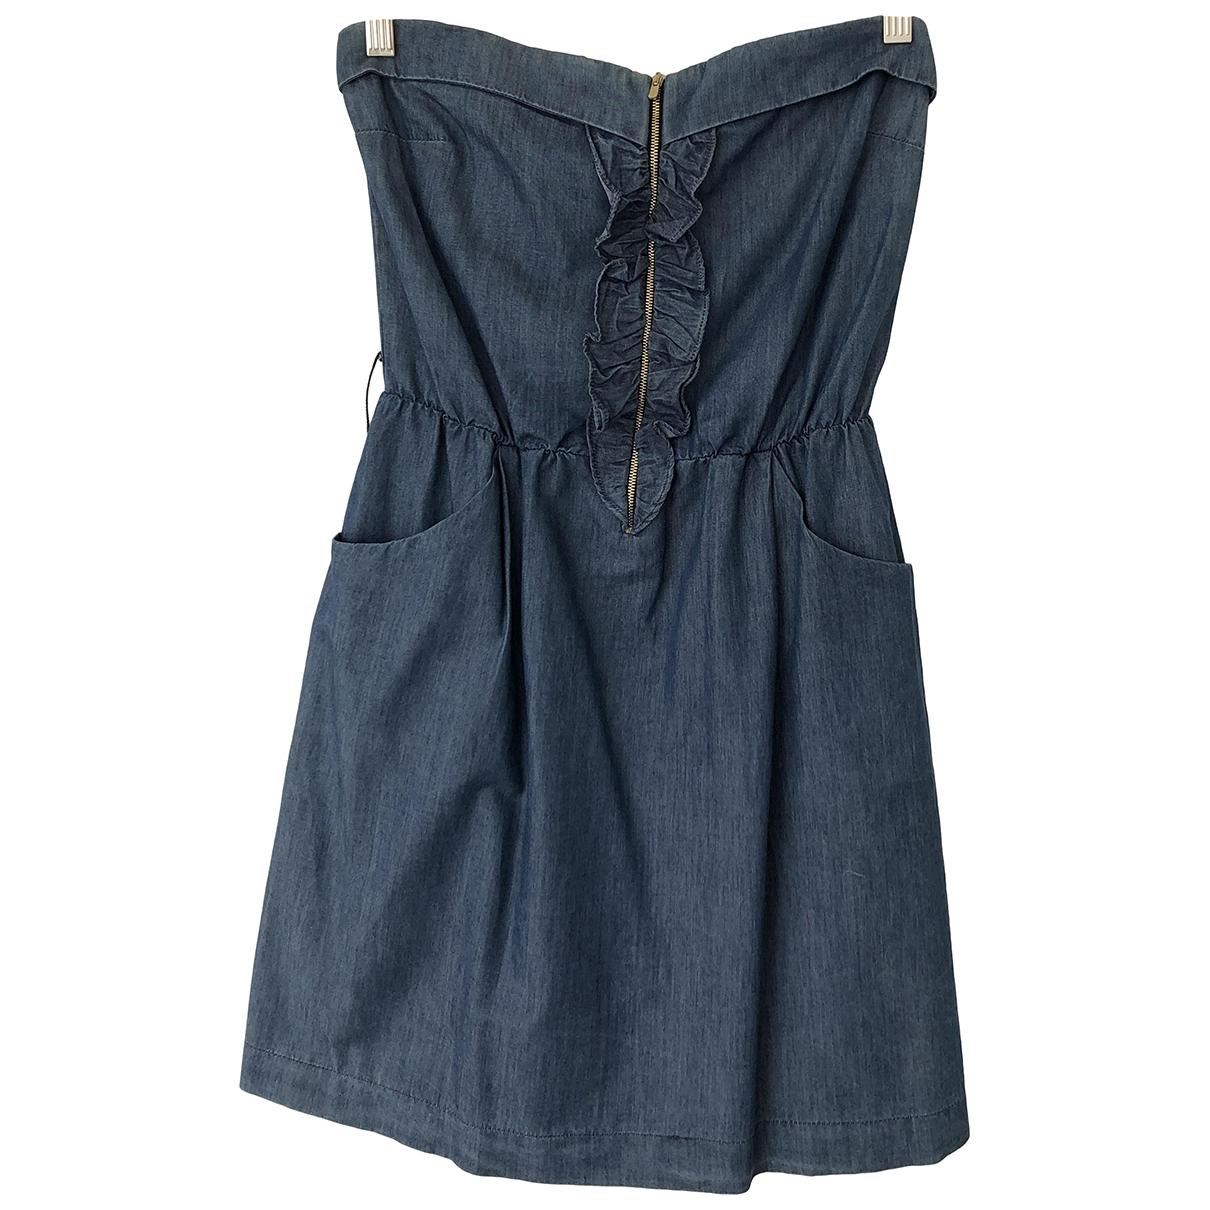 Sandro - Robe   pour femme en denim - bleu